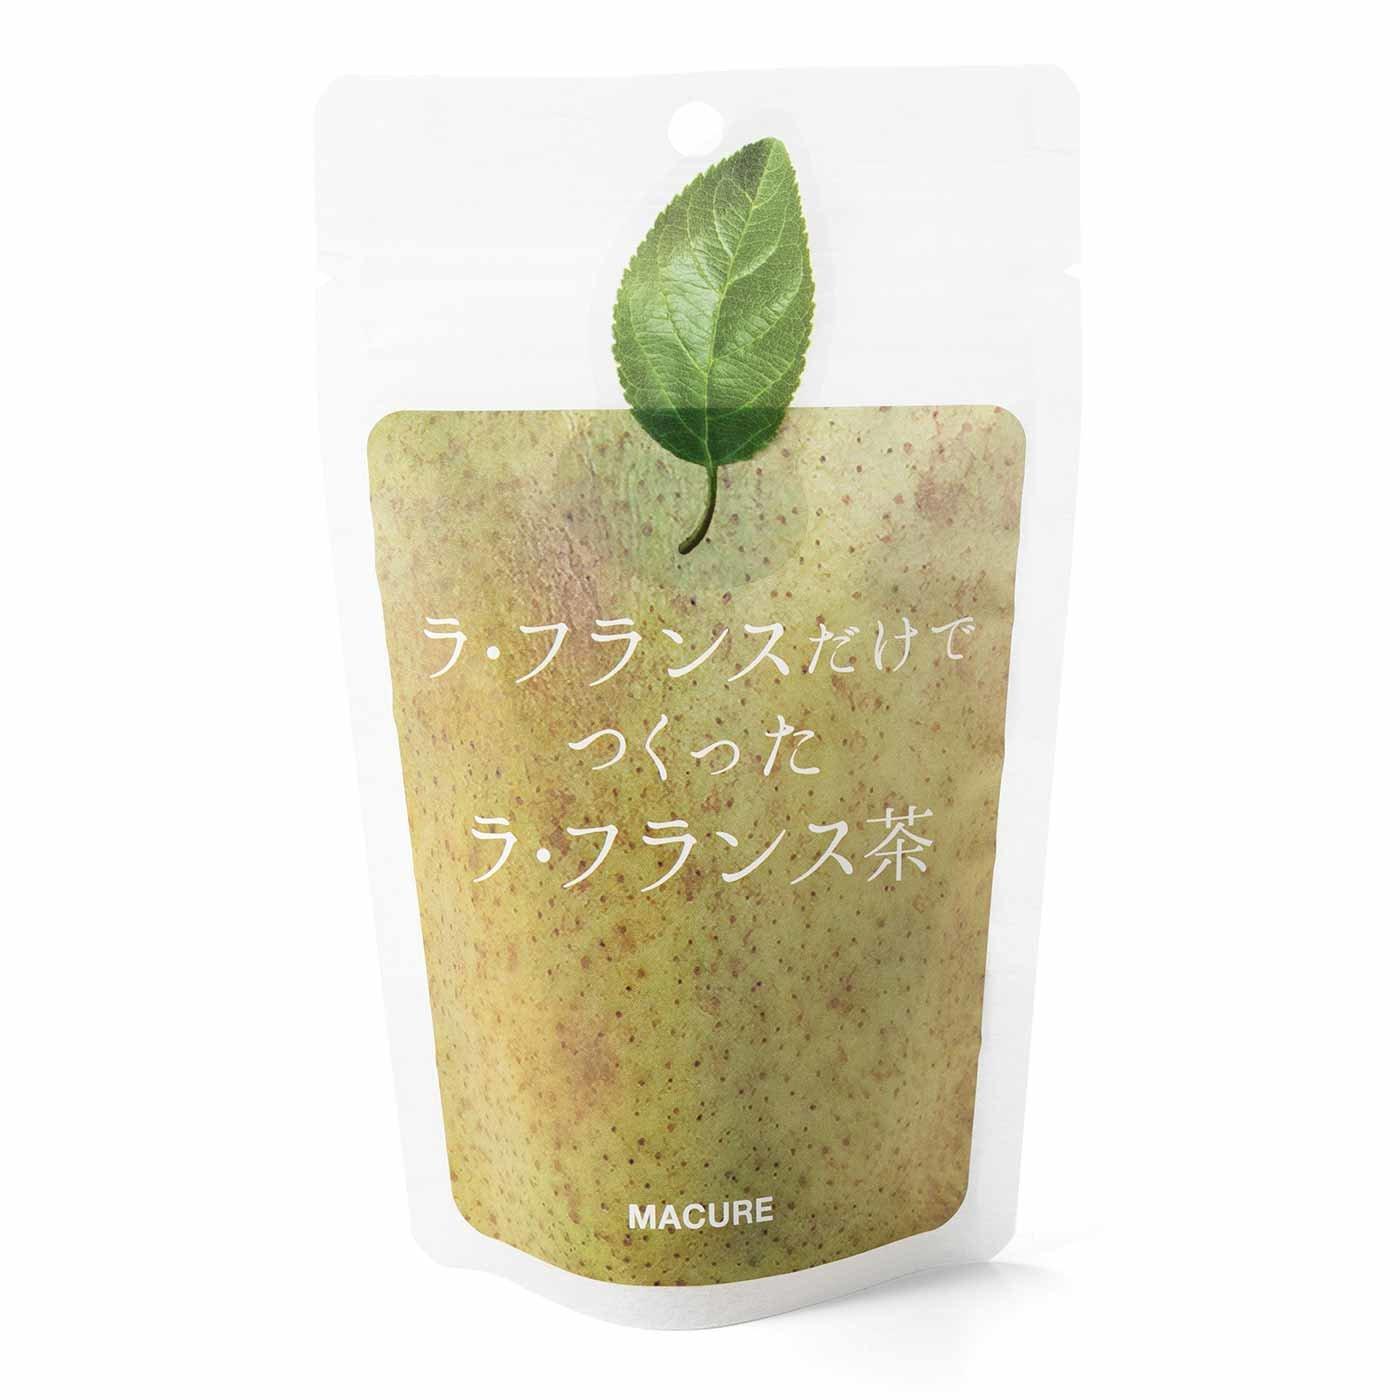 新感覚まるごと果実茶 山形ラ・フランス茶 3袋セットの会(12回予約)